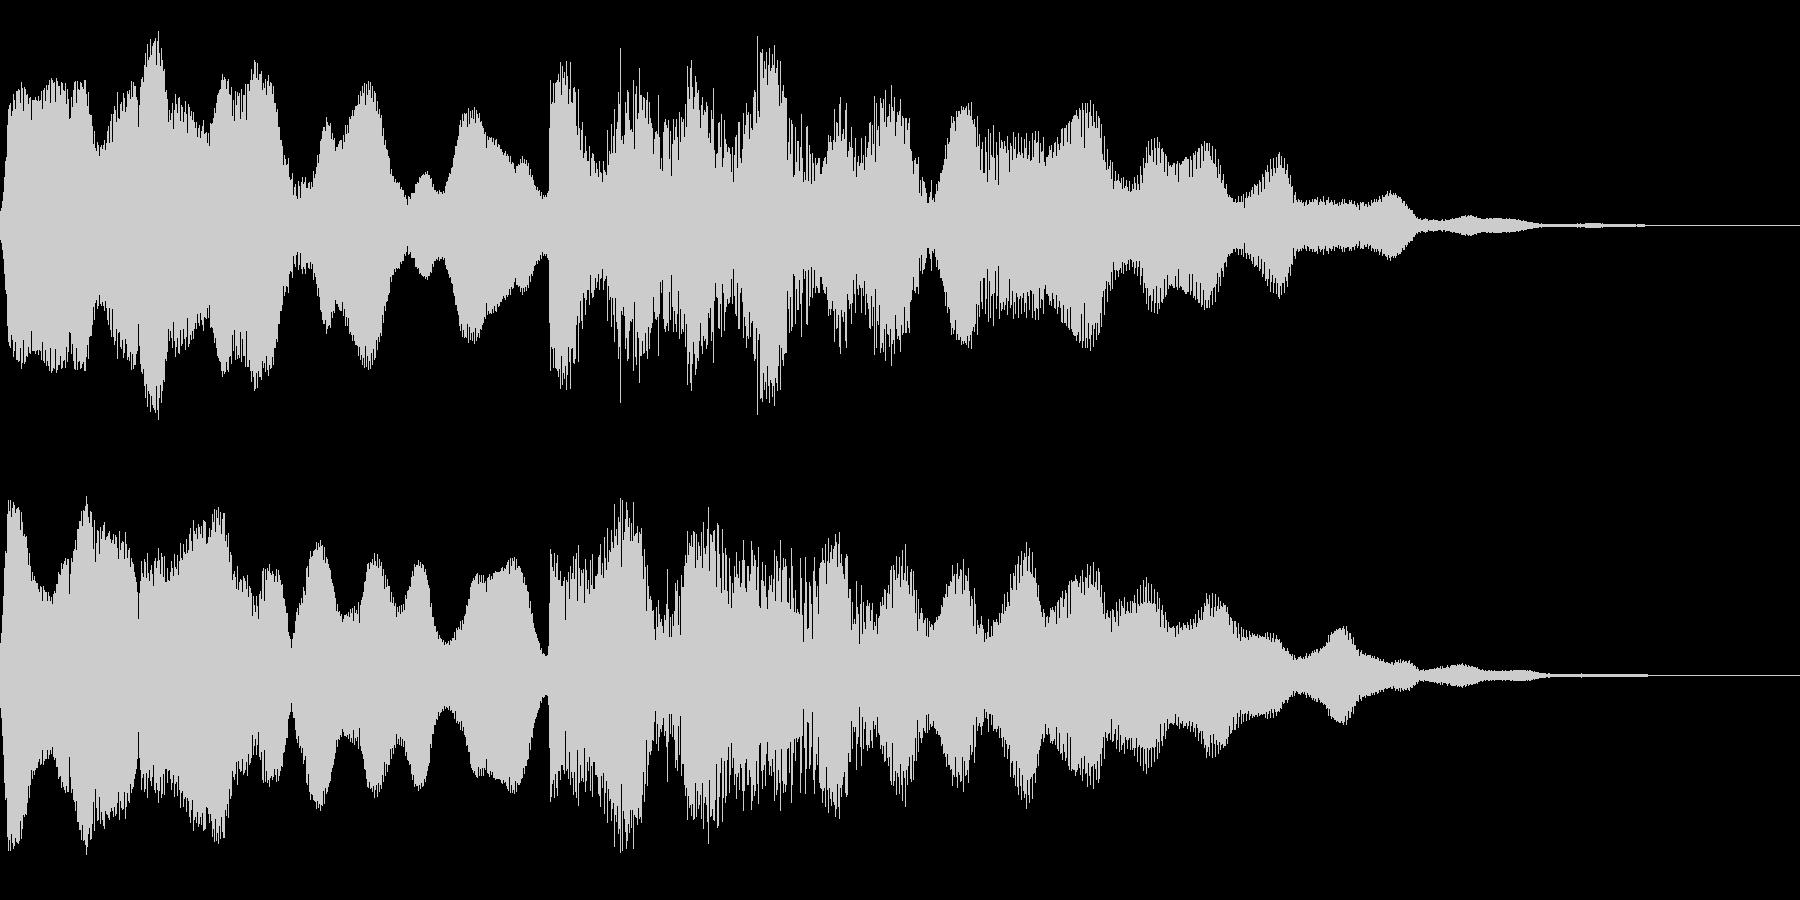 ビブラフォンとシンセサイザーのジングルの未再生の波形